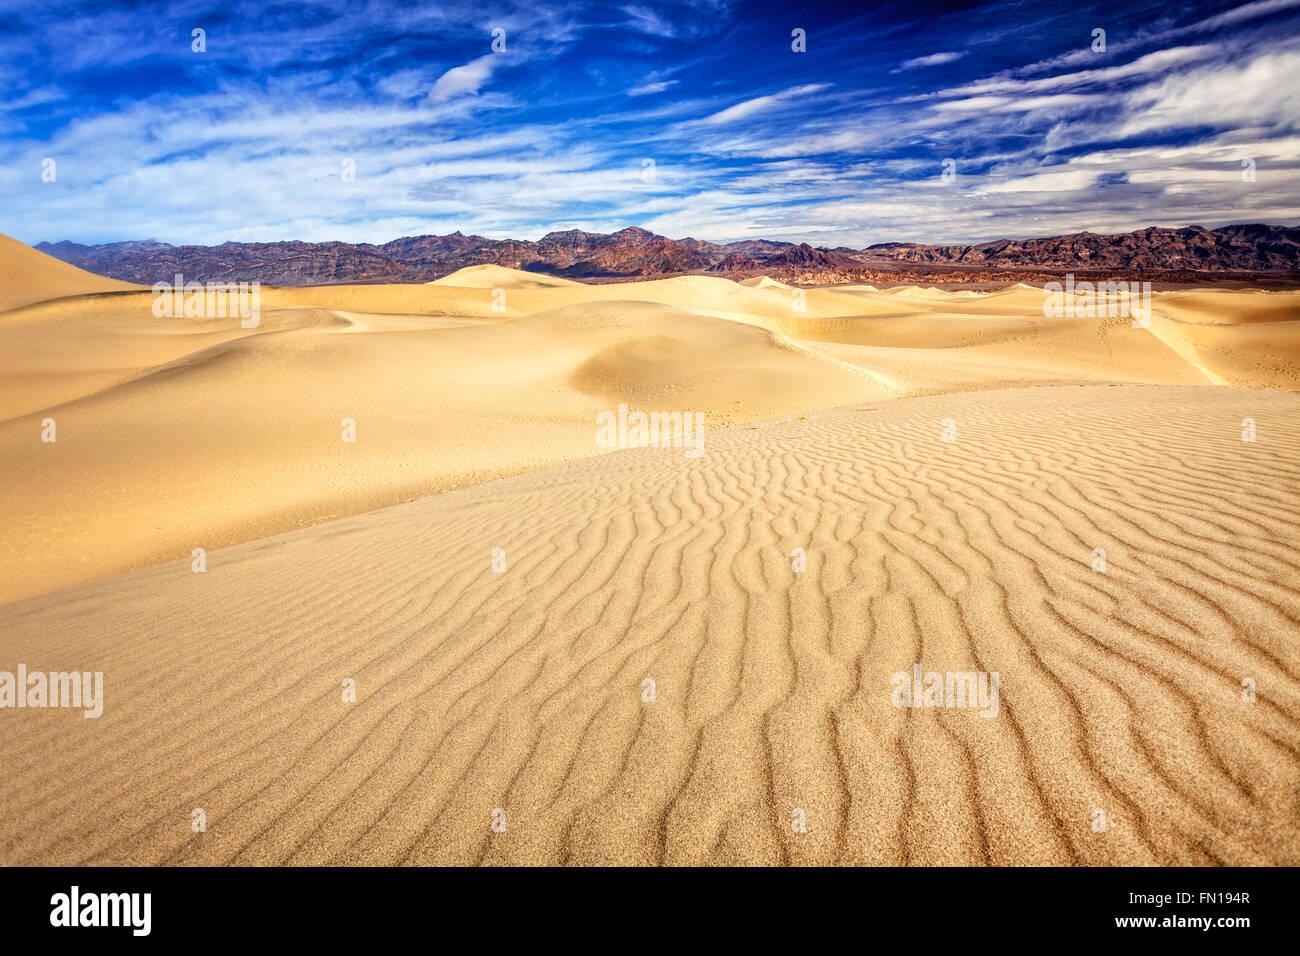 La télévision mesquite sand dunes in Death Valley National Park Banque D'Images